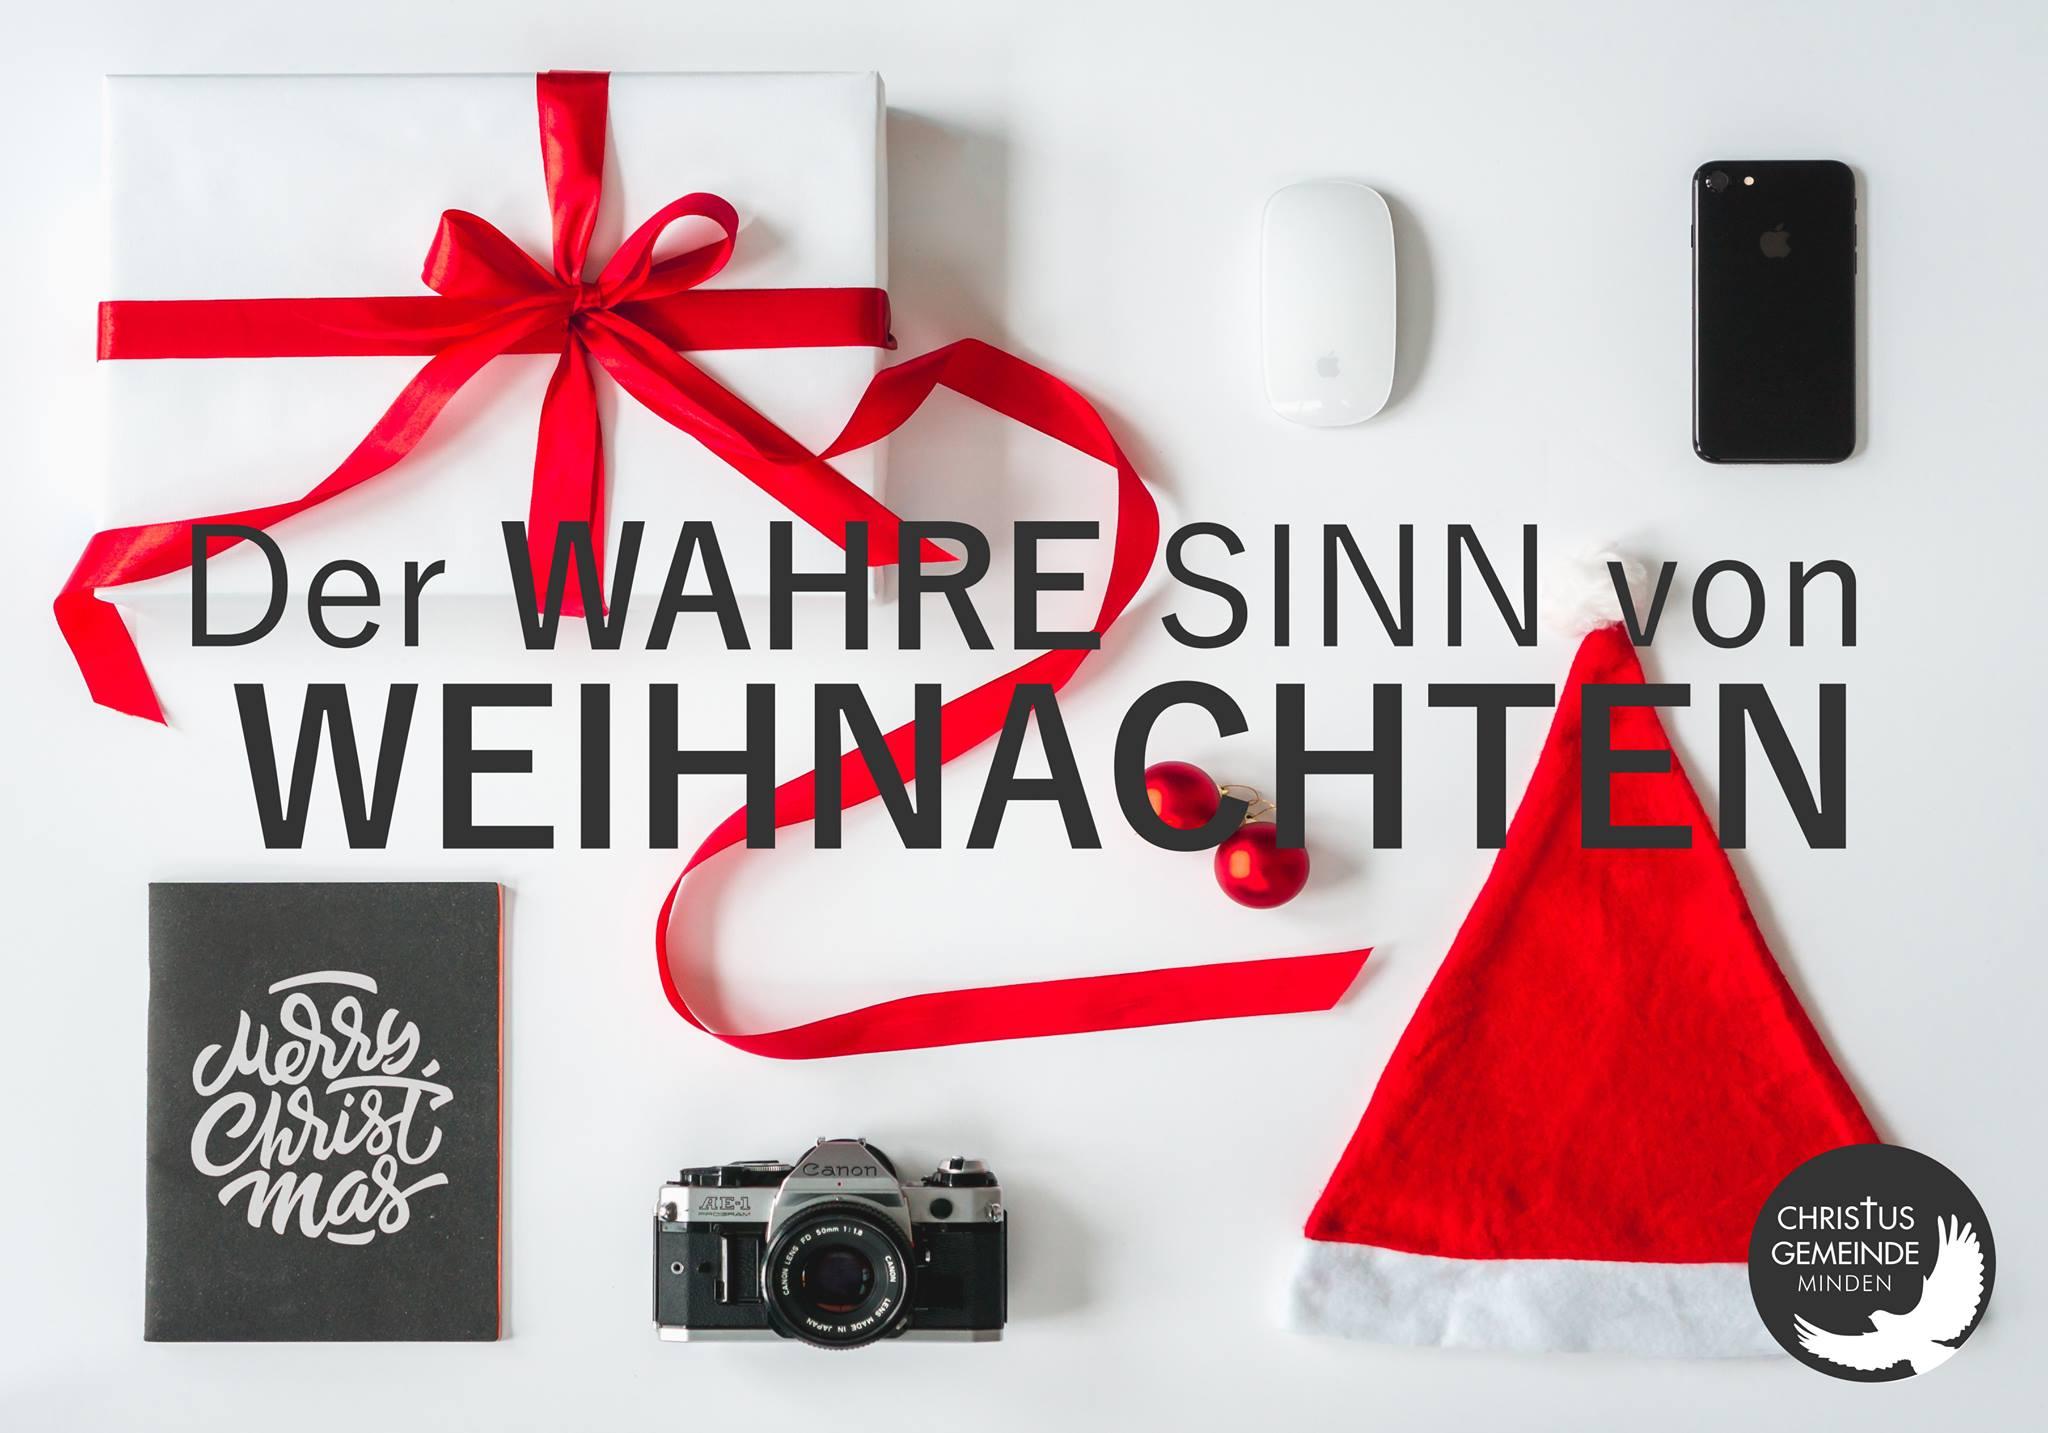 Der wahre Sinn von Weihnachten